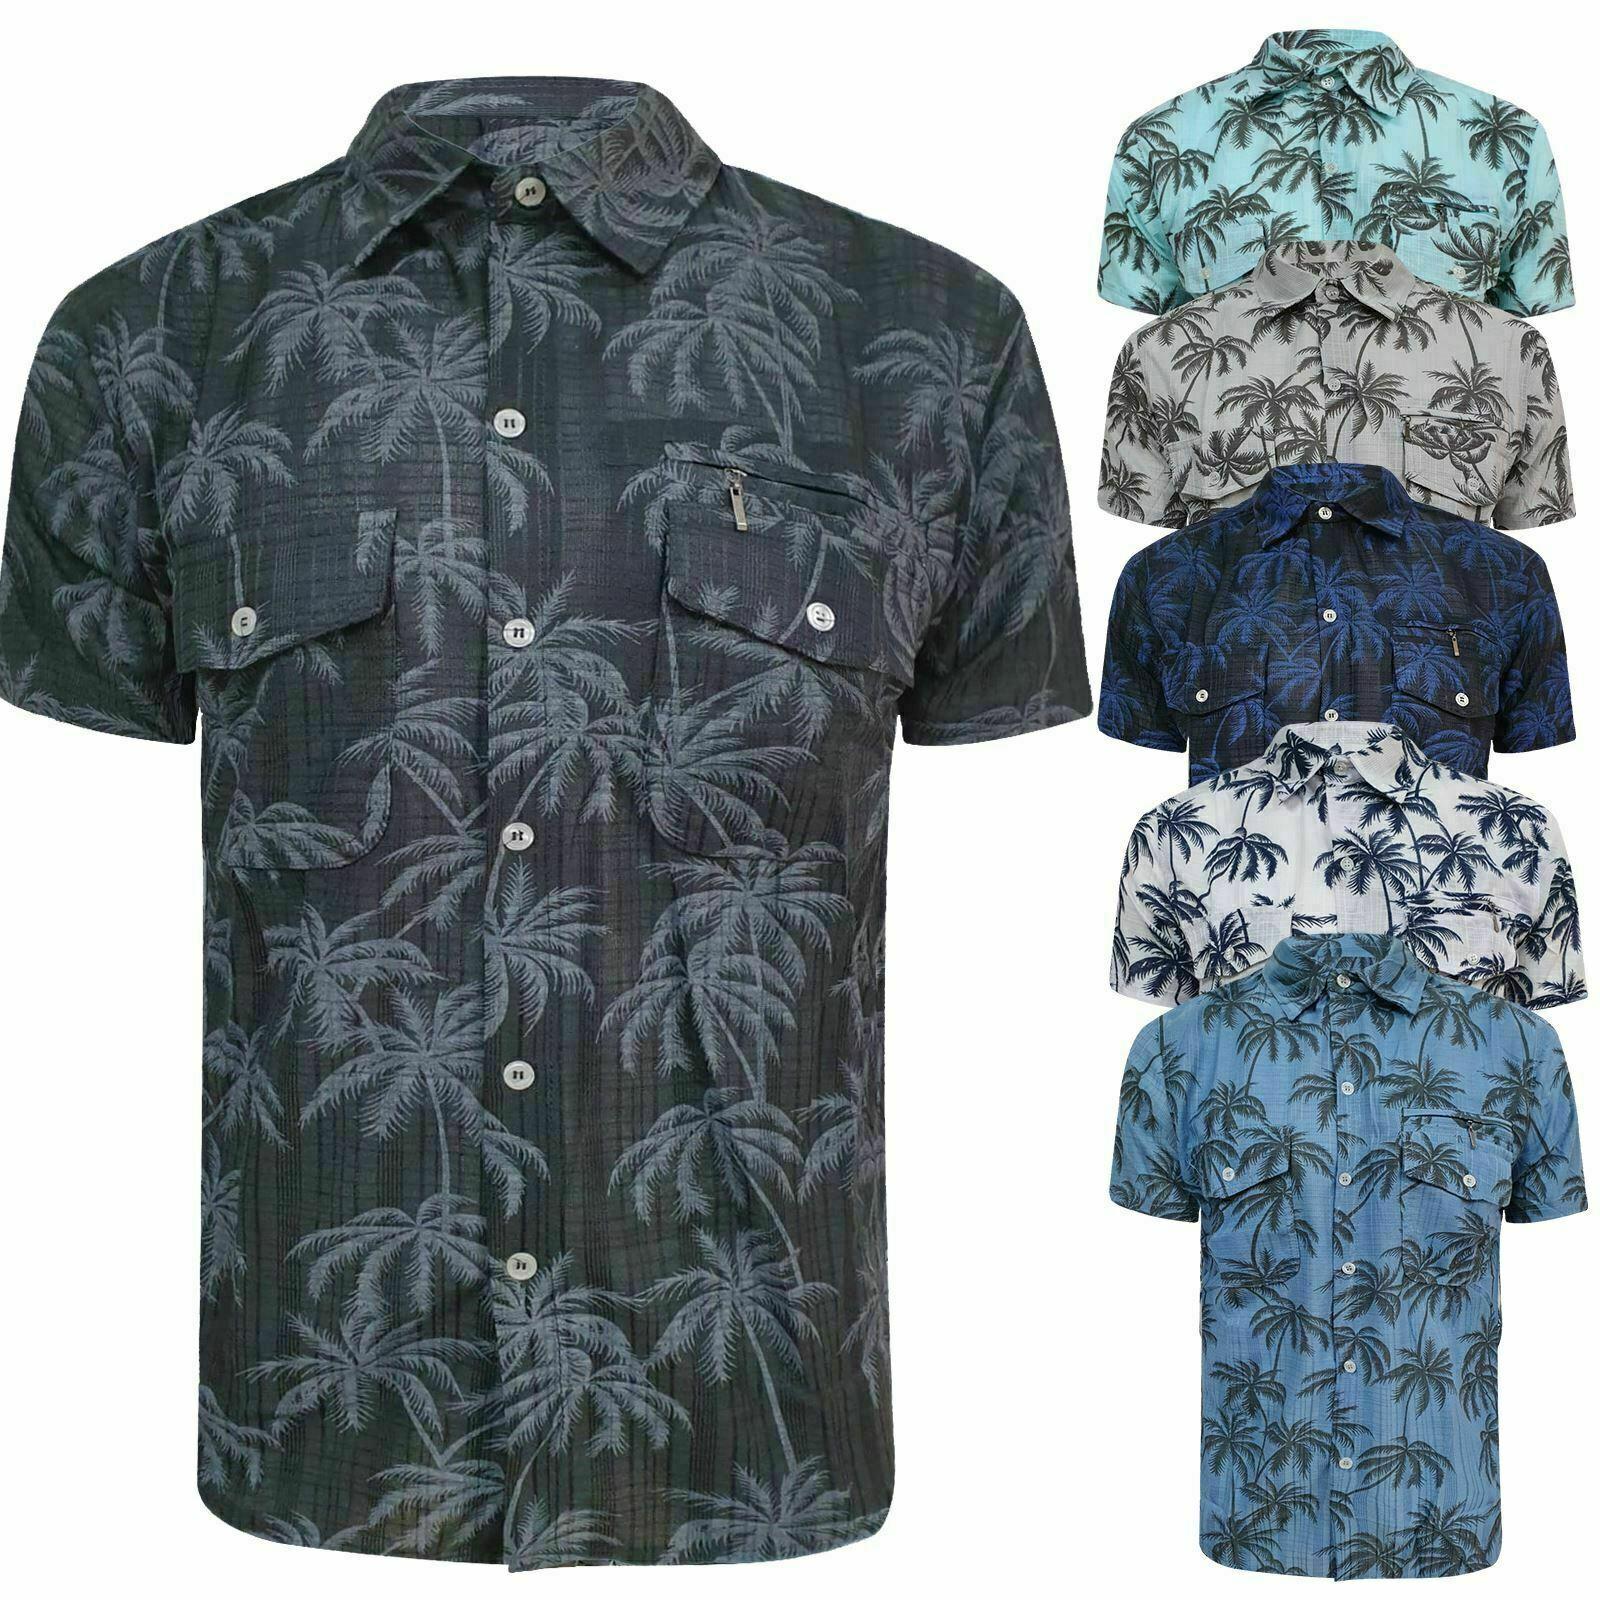 Mens Short Sleeve Palm Tree Hawaii Hawaiin Shirts Summer Beach Shirt Lightweight